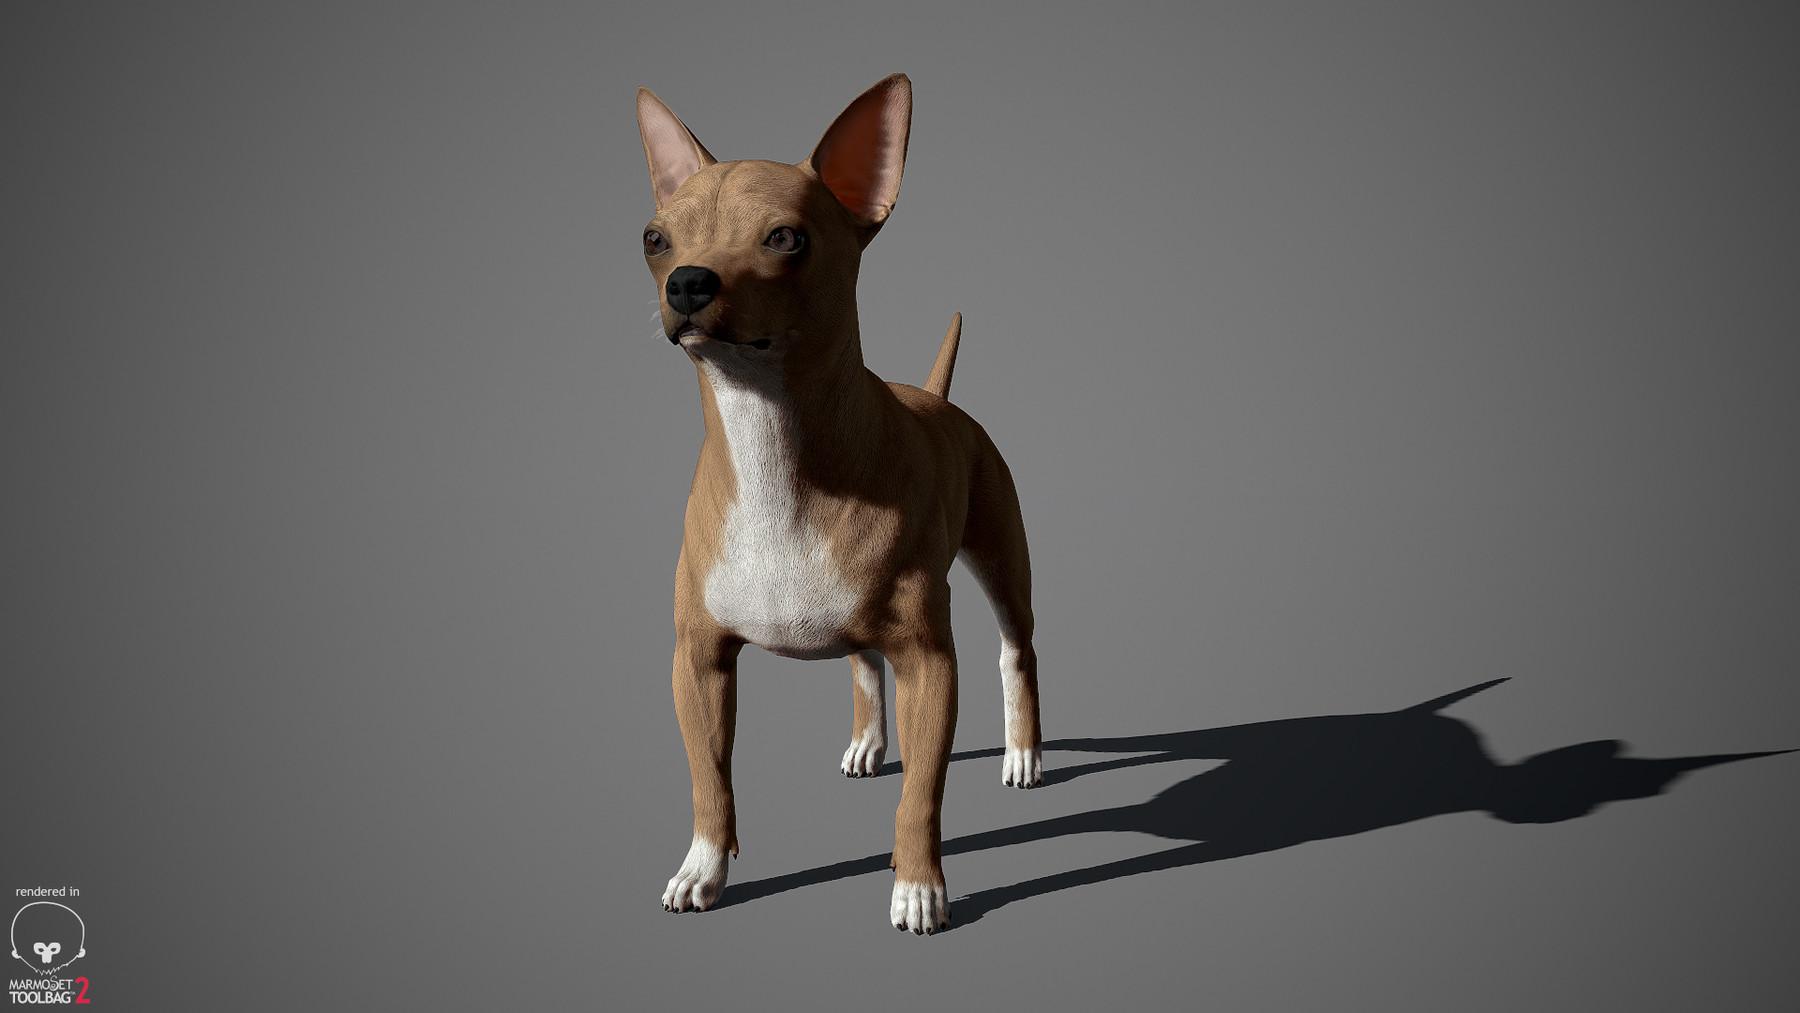 Chihuahua by alexlashko marmoset 06